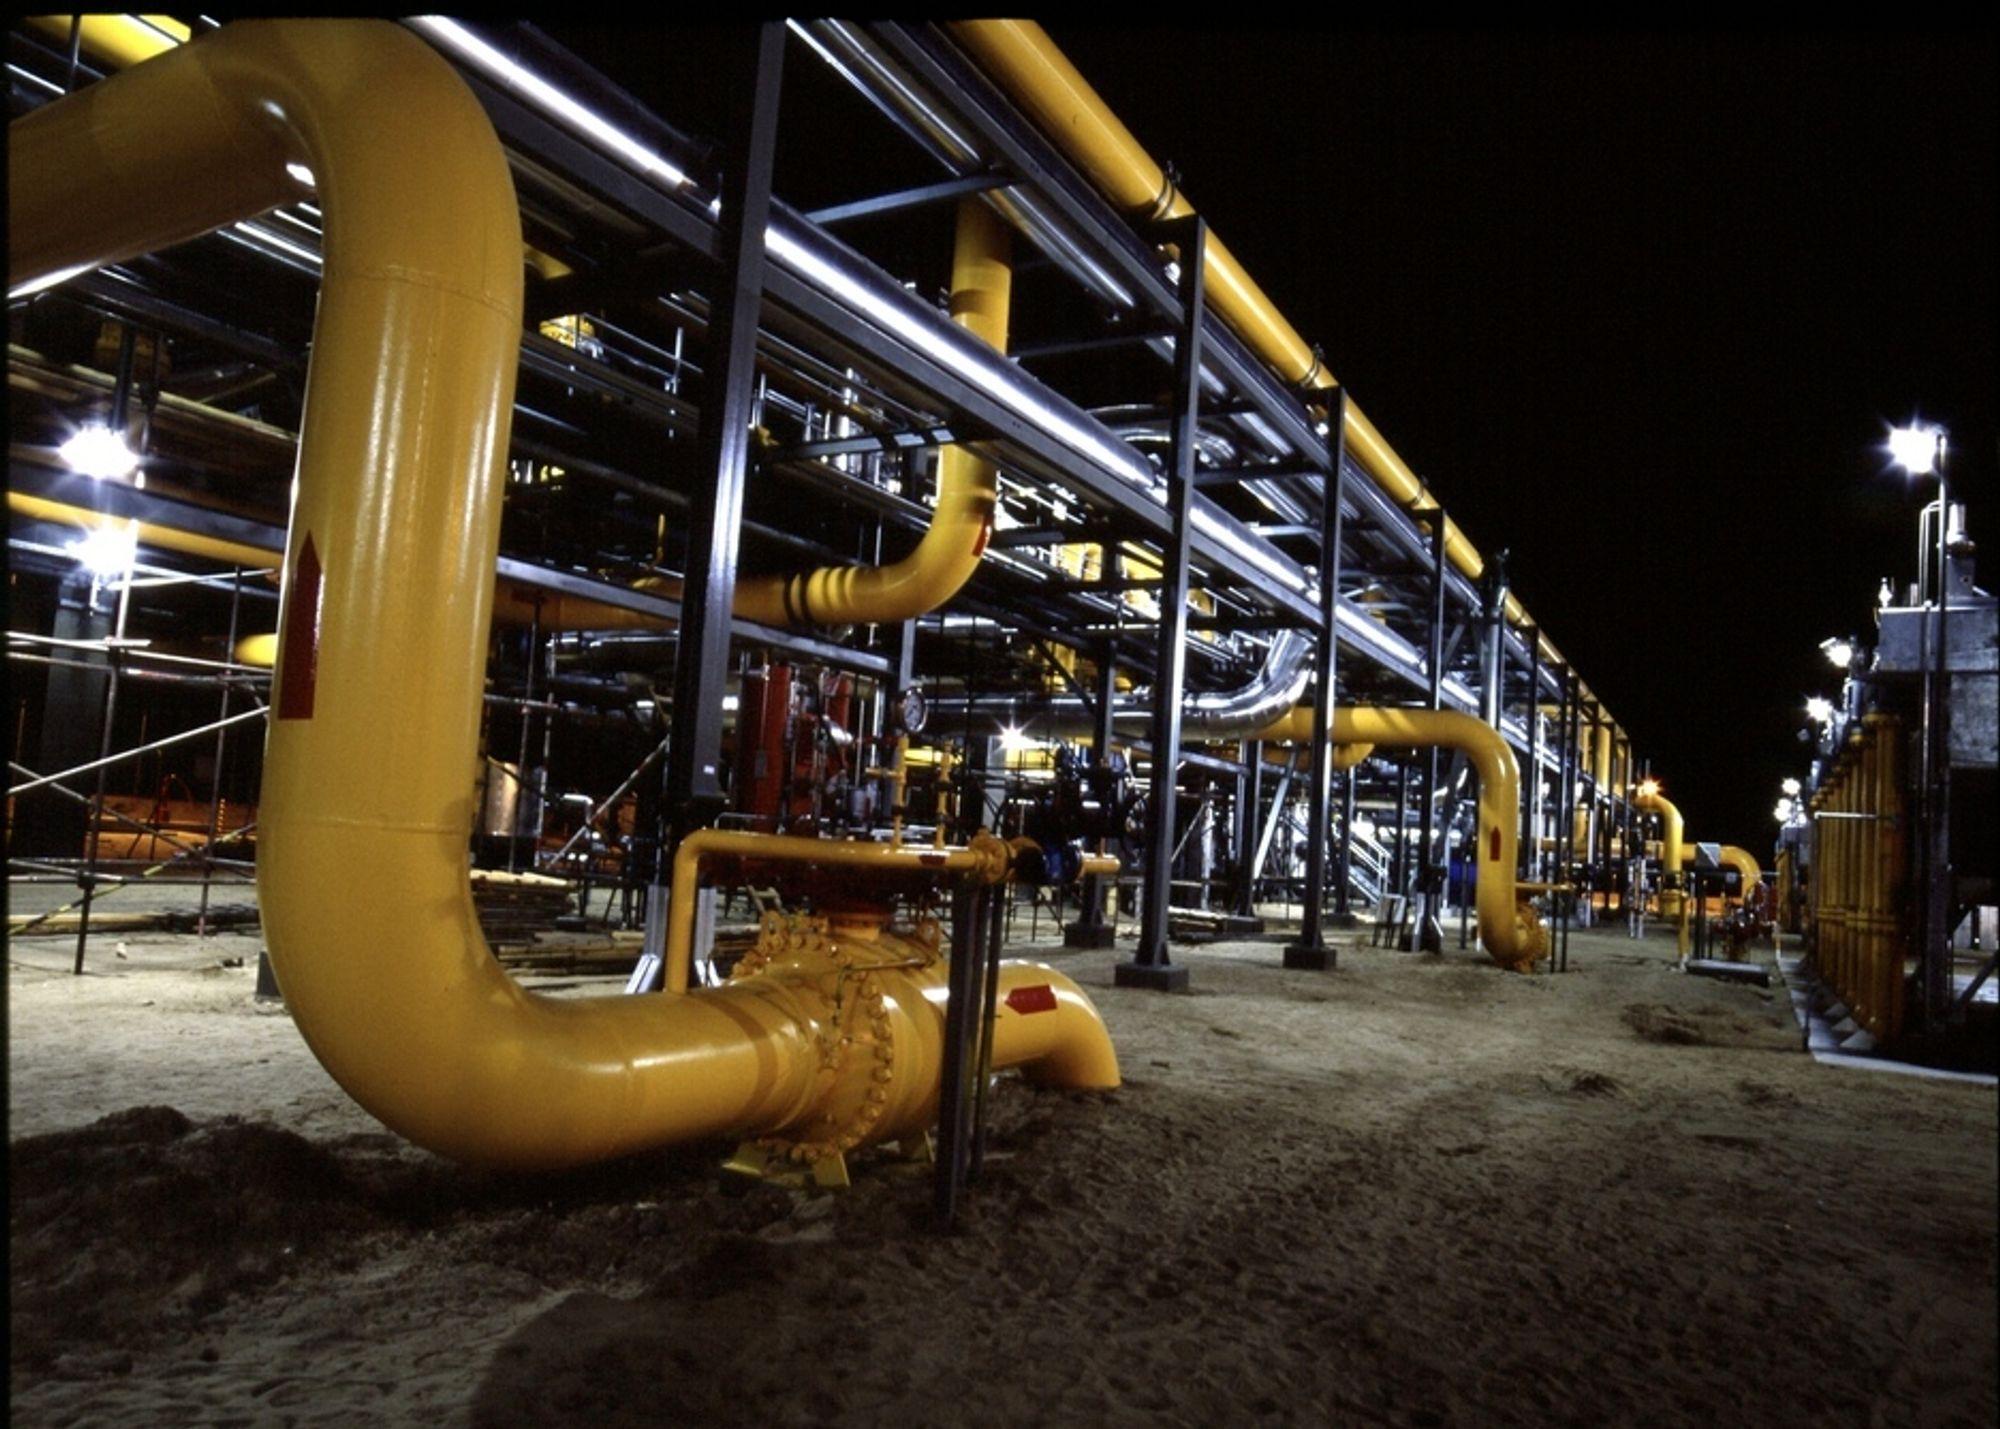 Dalsnuten-resultatene kan påvirke norsk gasseksport.